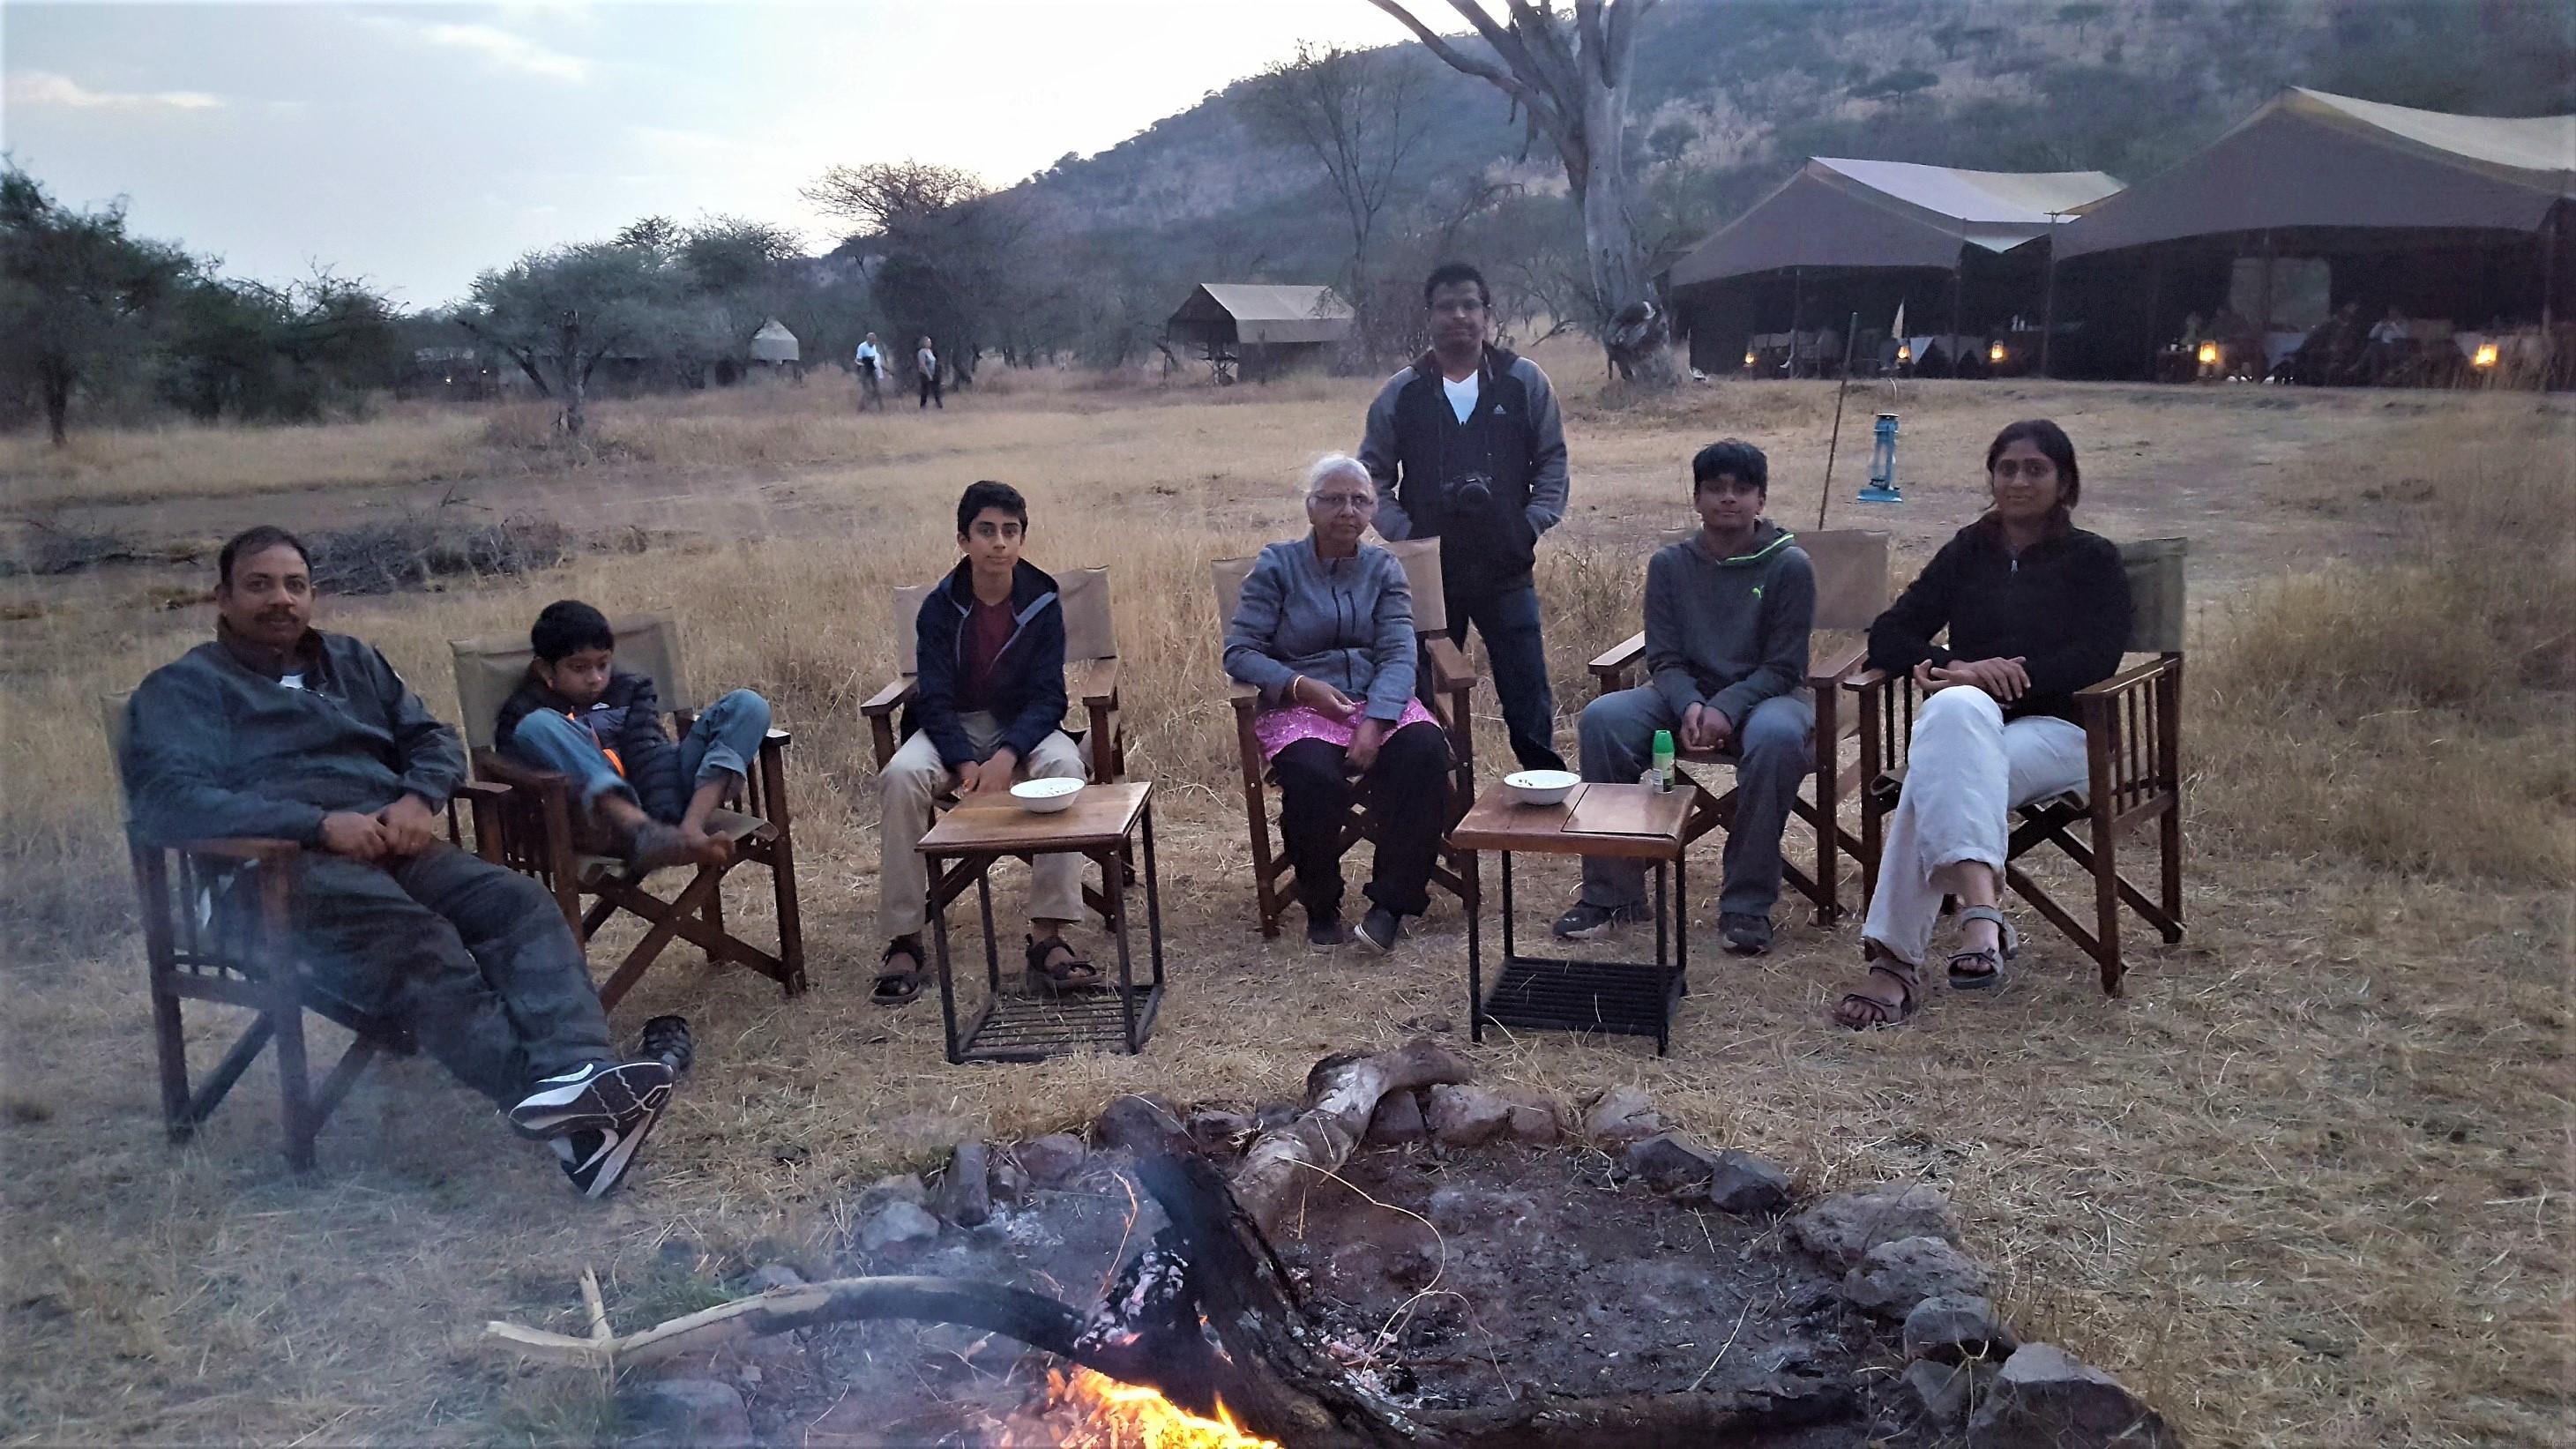 Camp night in Kari Kati tent